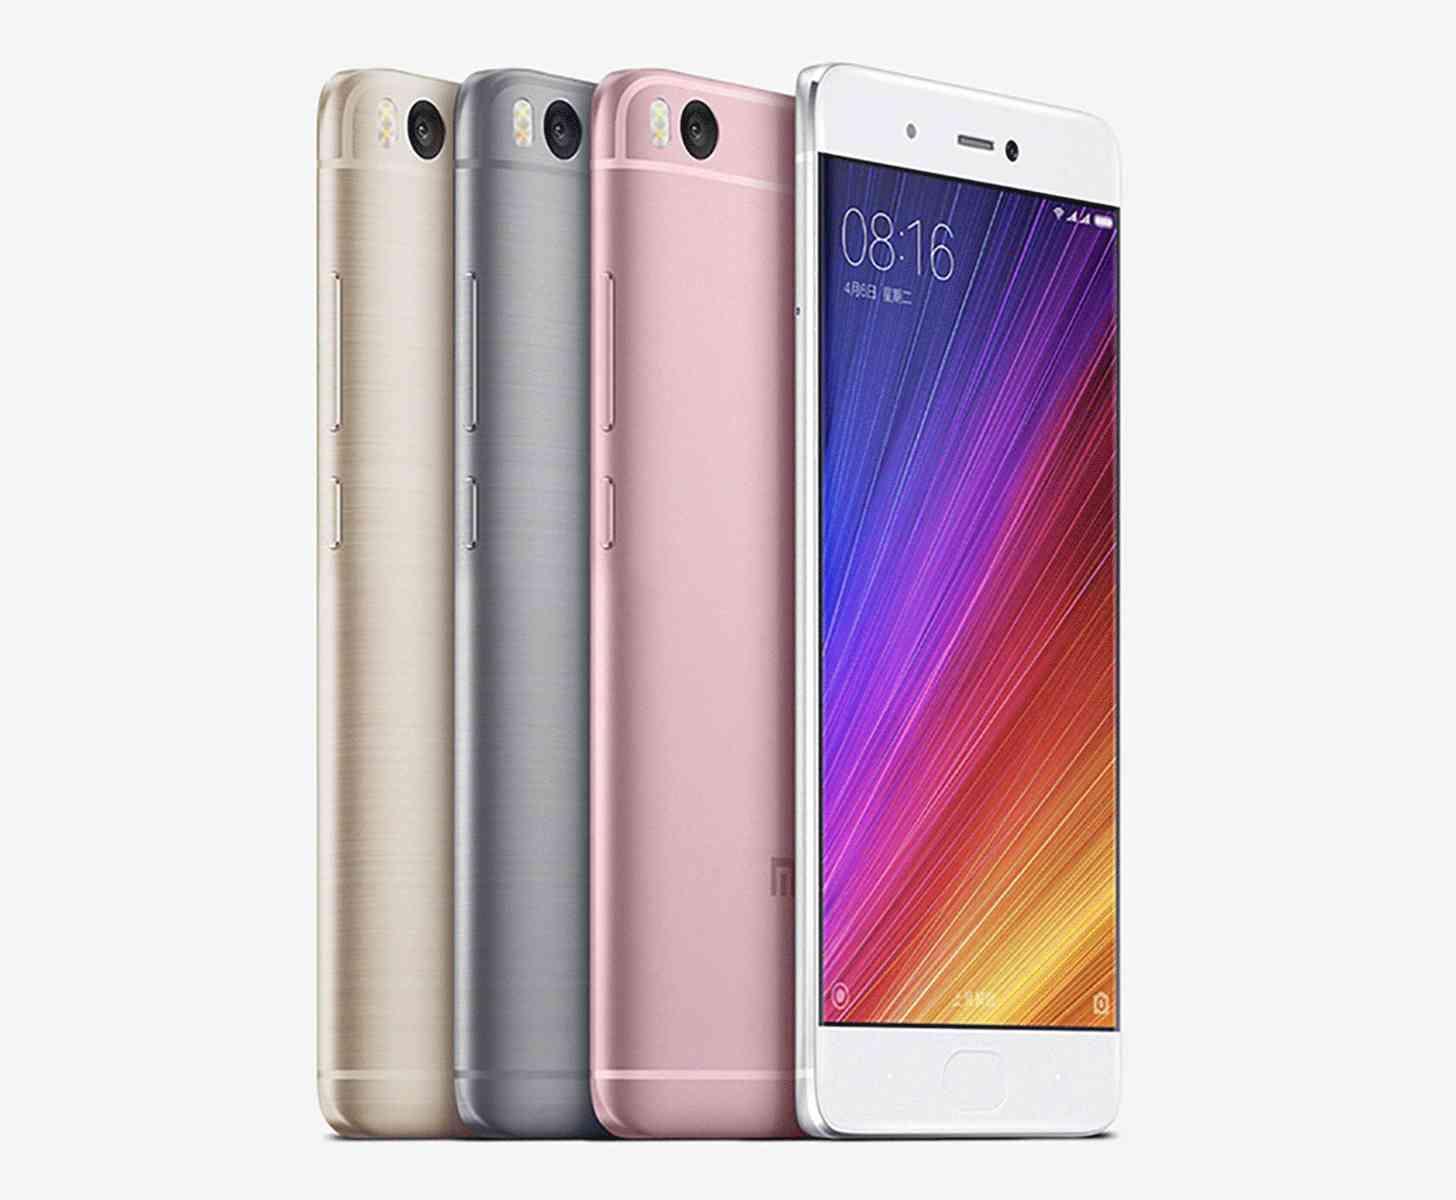 Xiaomi Mi 5s official colors